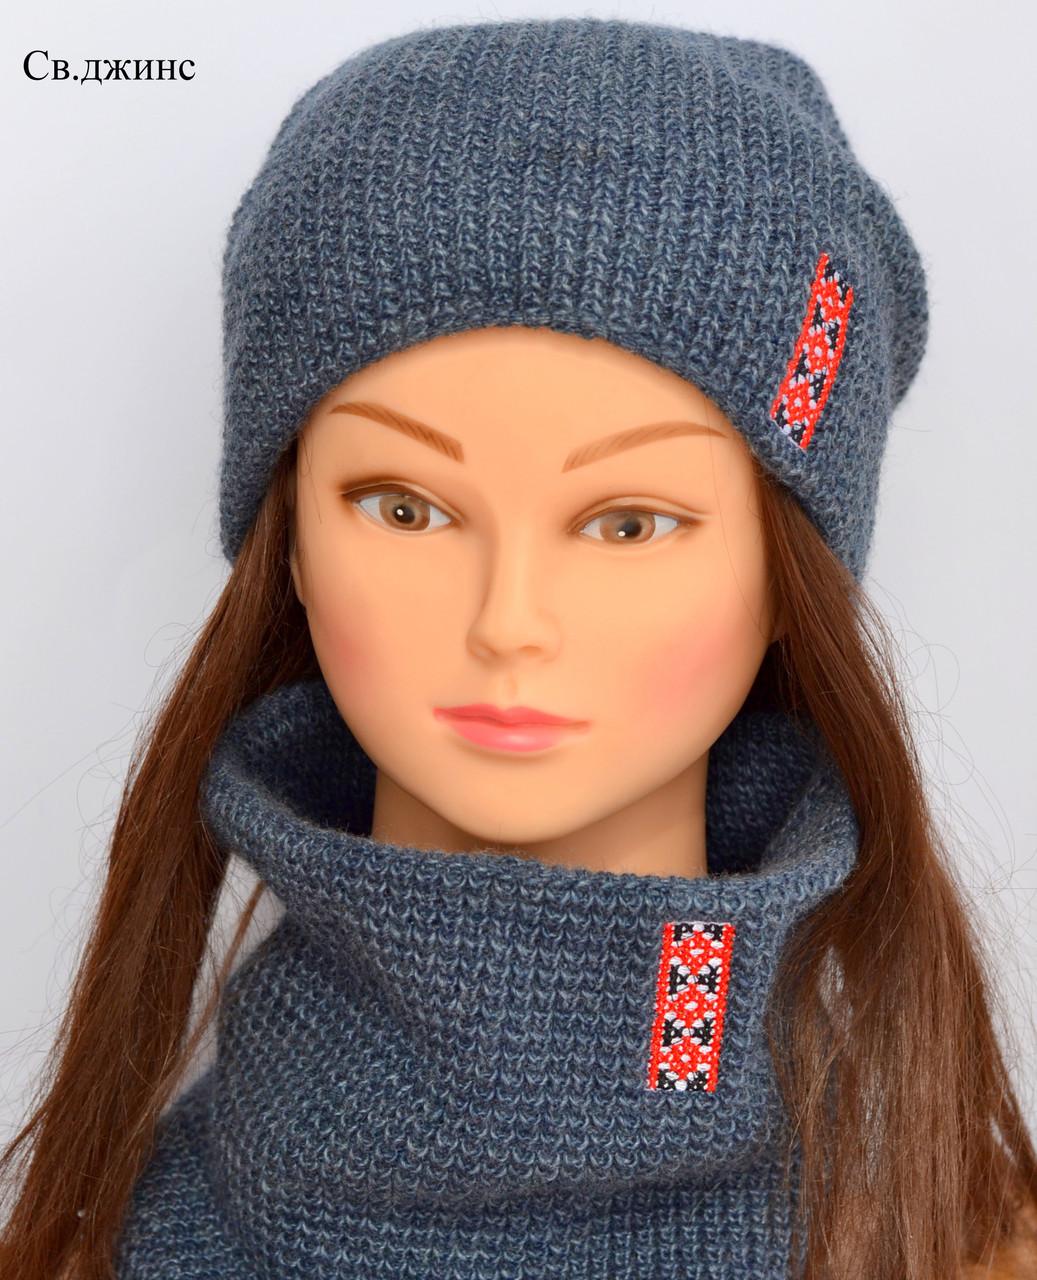 Стильная вязаная шапка для женщин